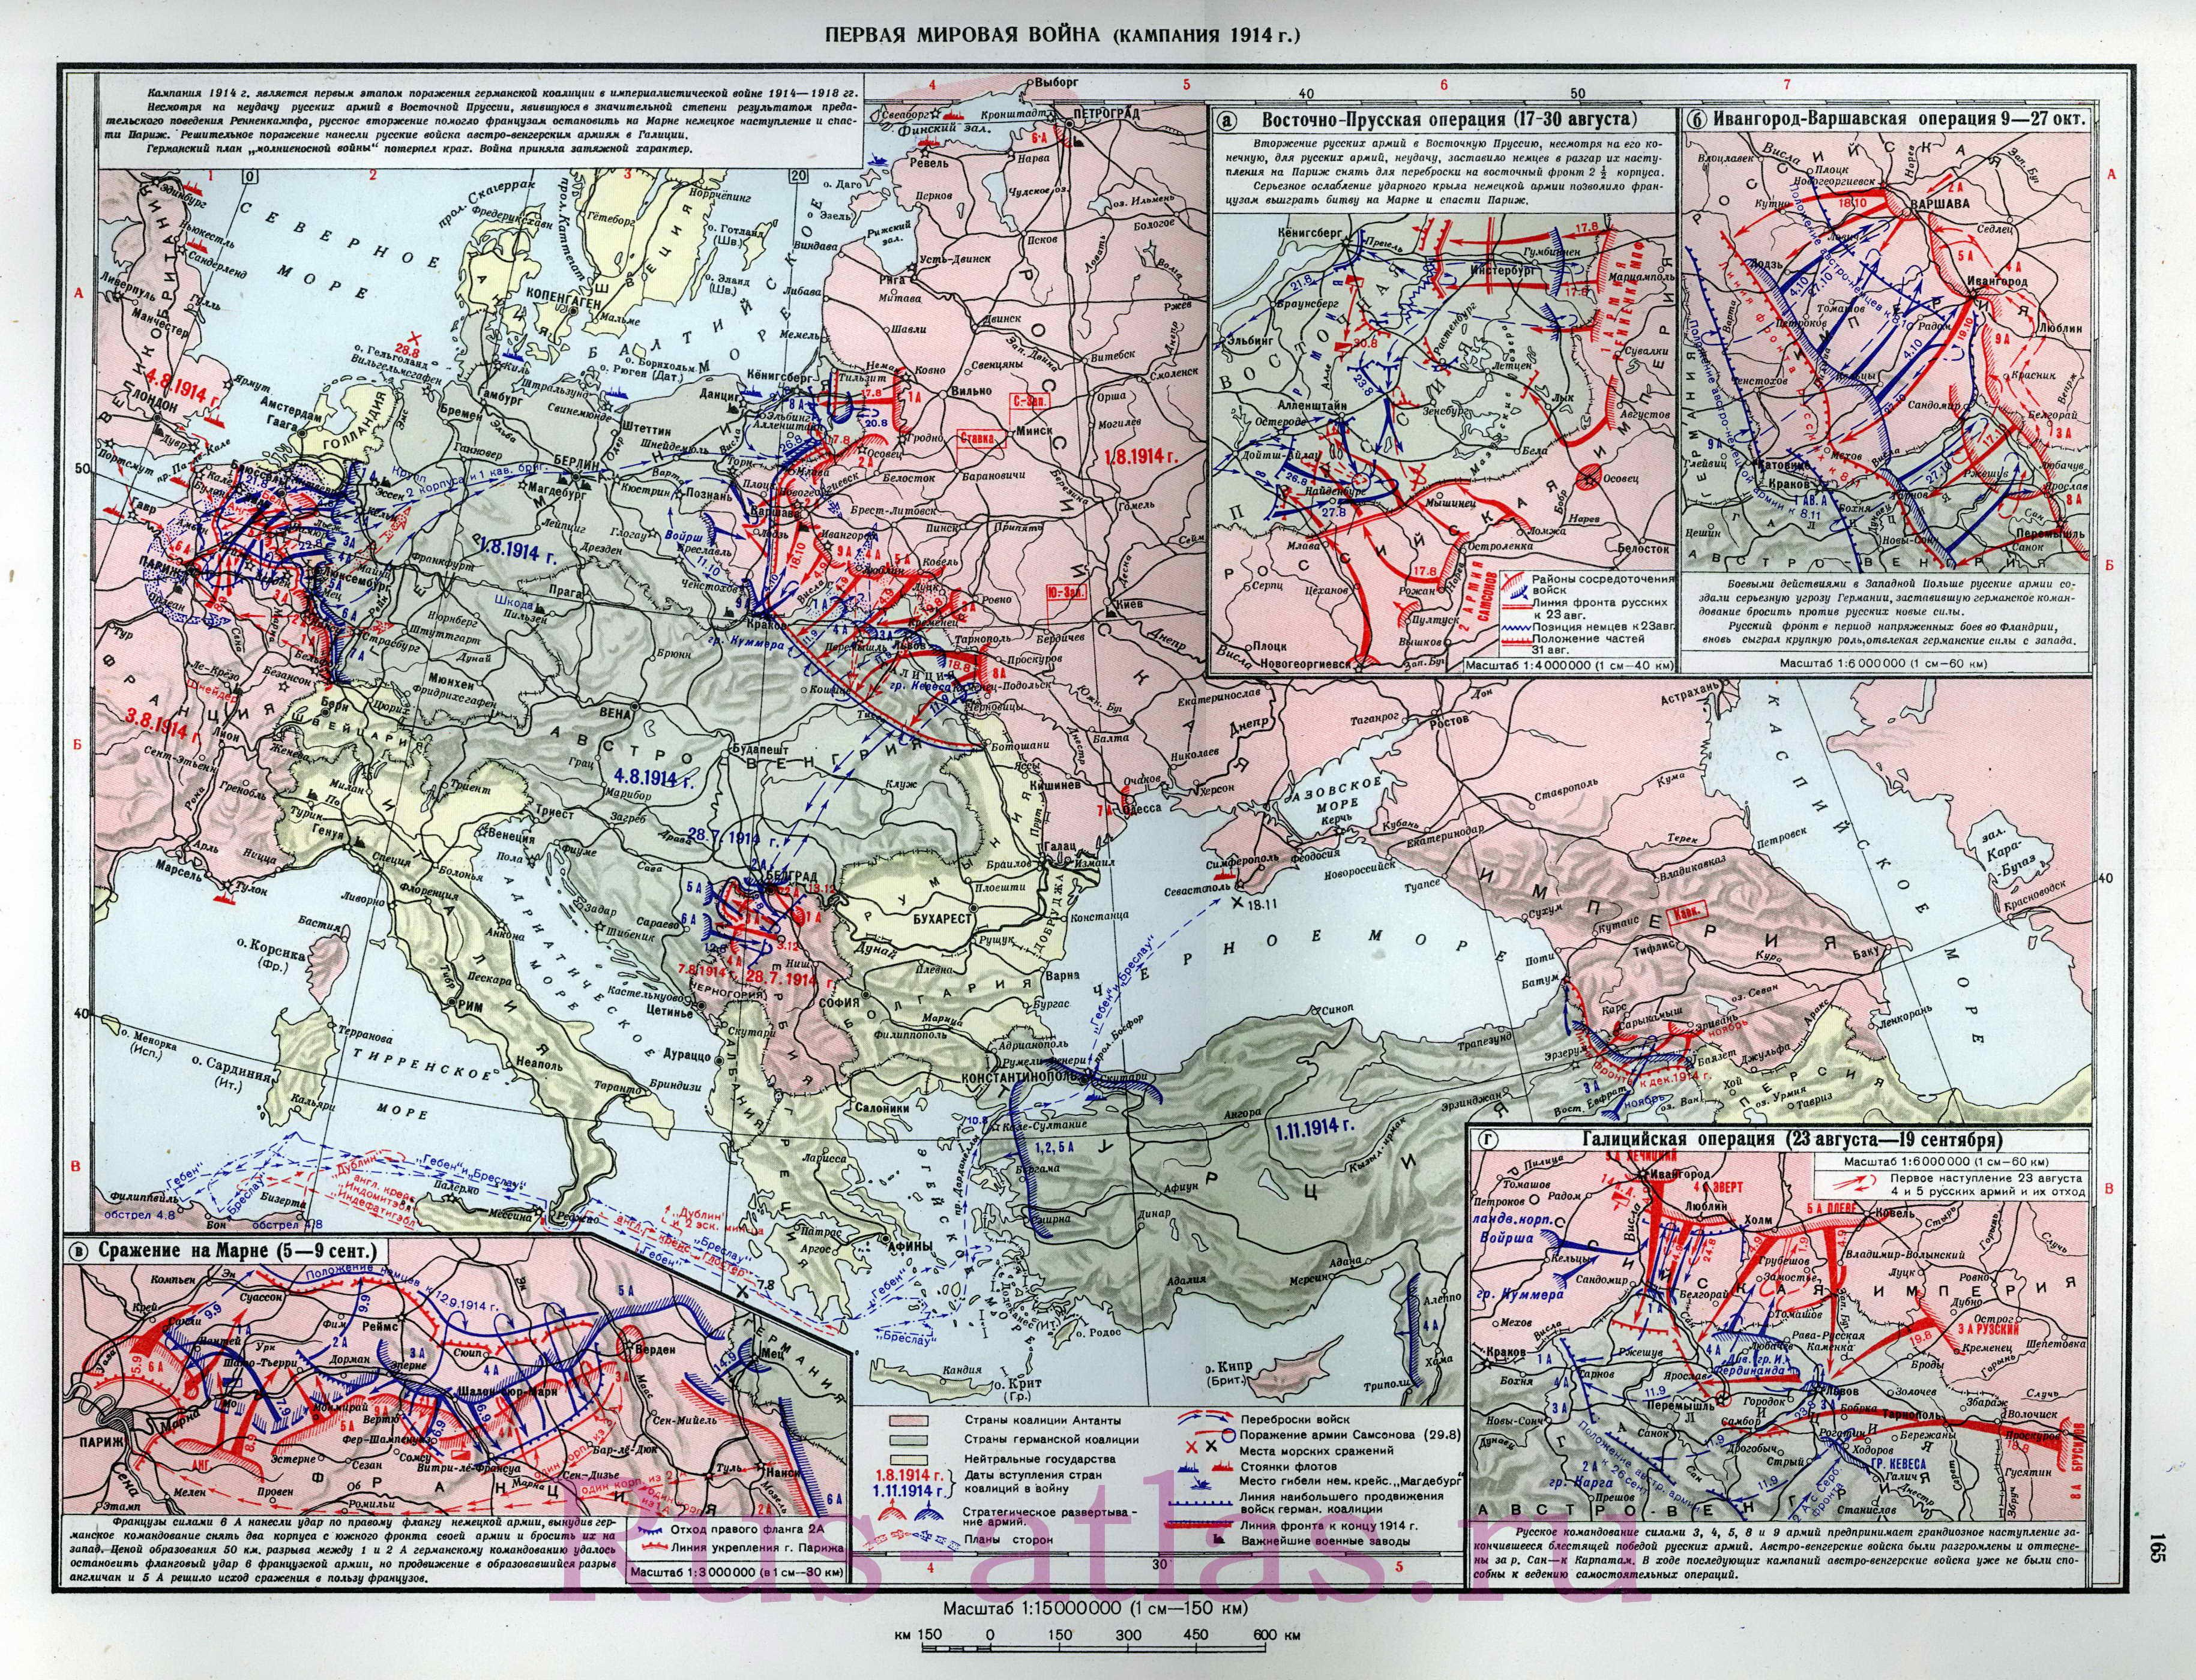 Детальная карта первой мировой: схемы сражений 1914 на Марне, Галицийской операции, Ивангород-Варшавской операции.